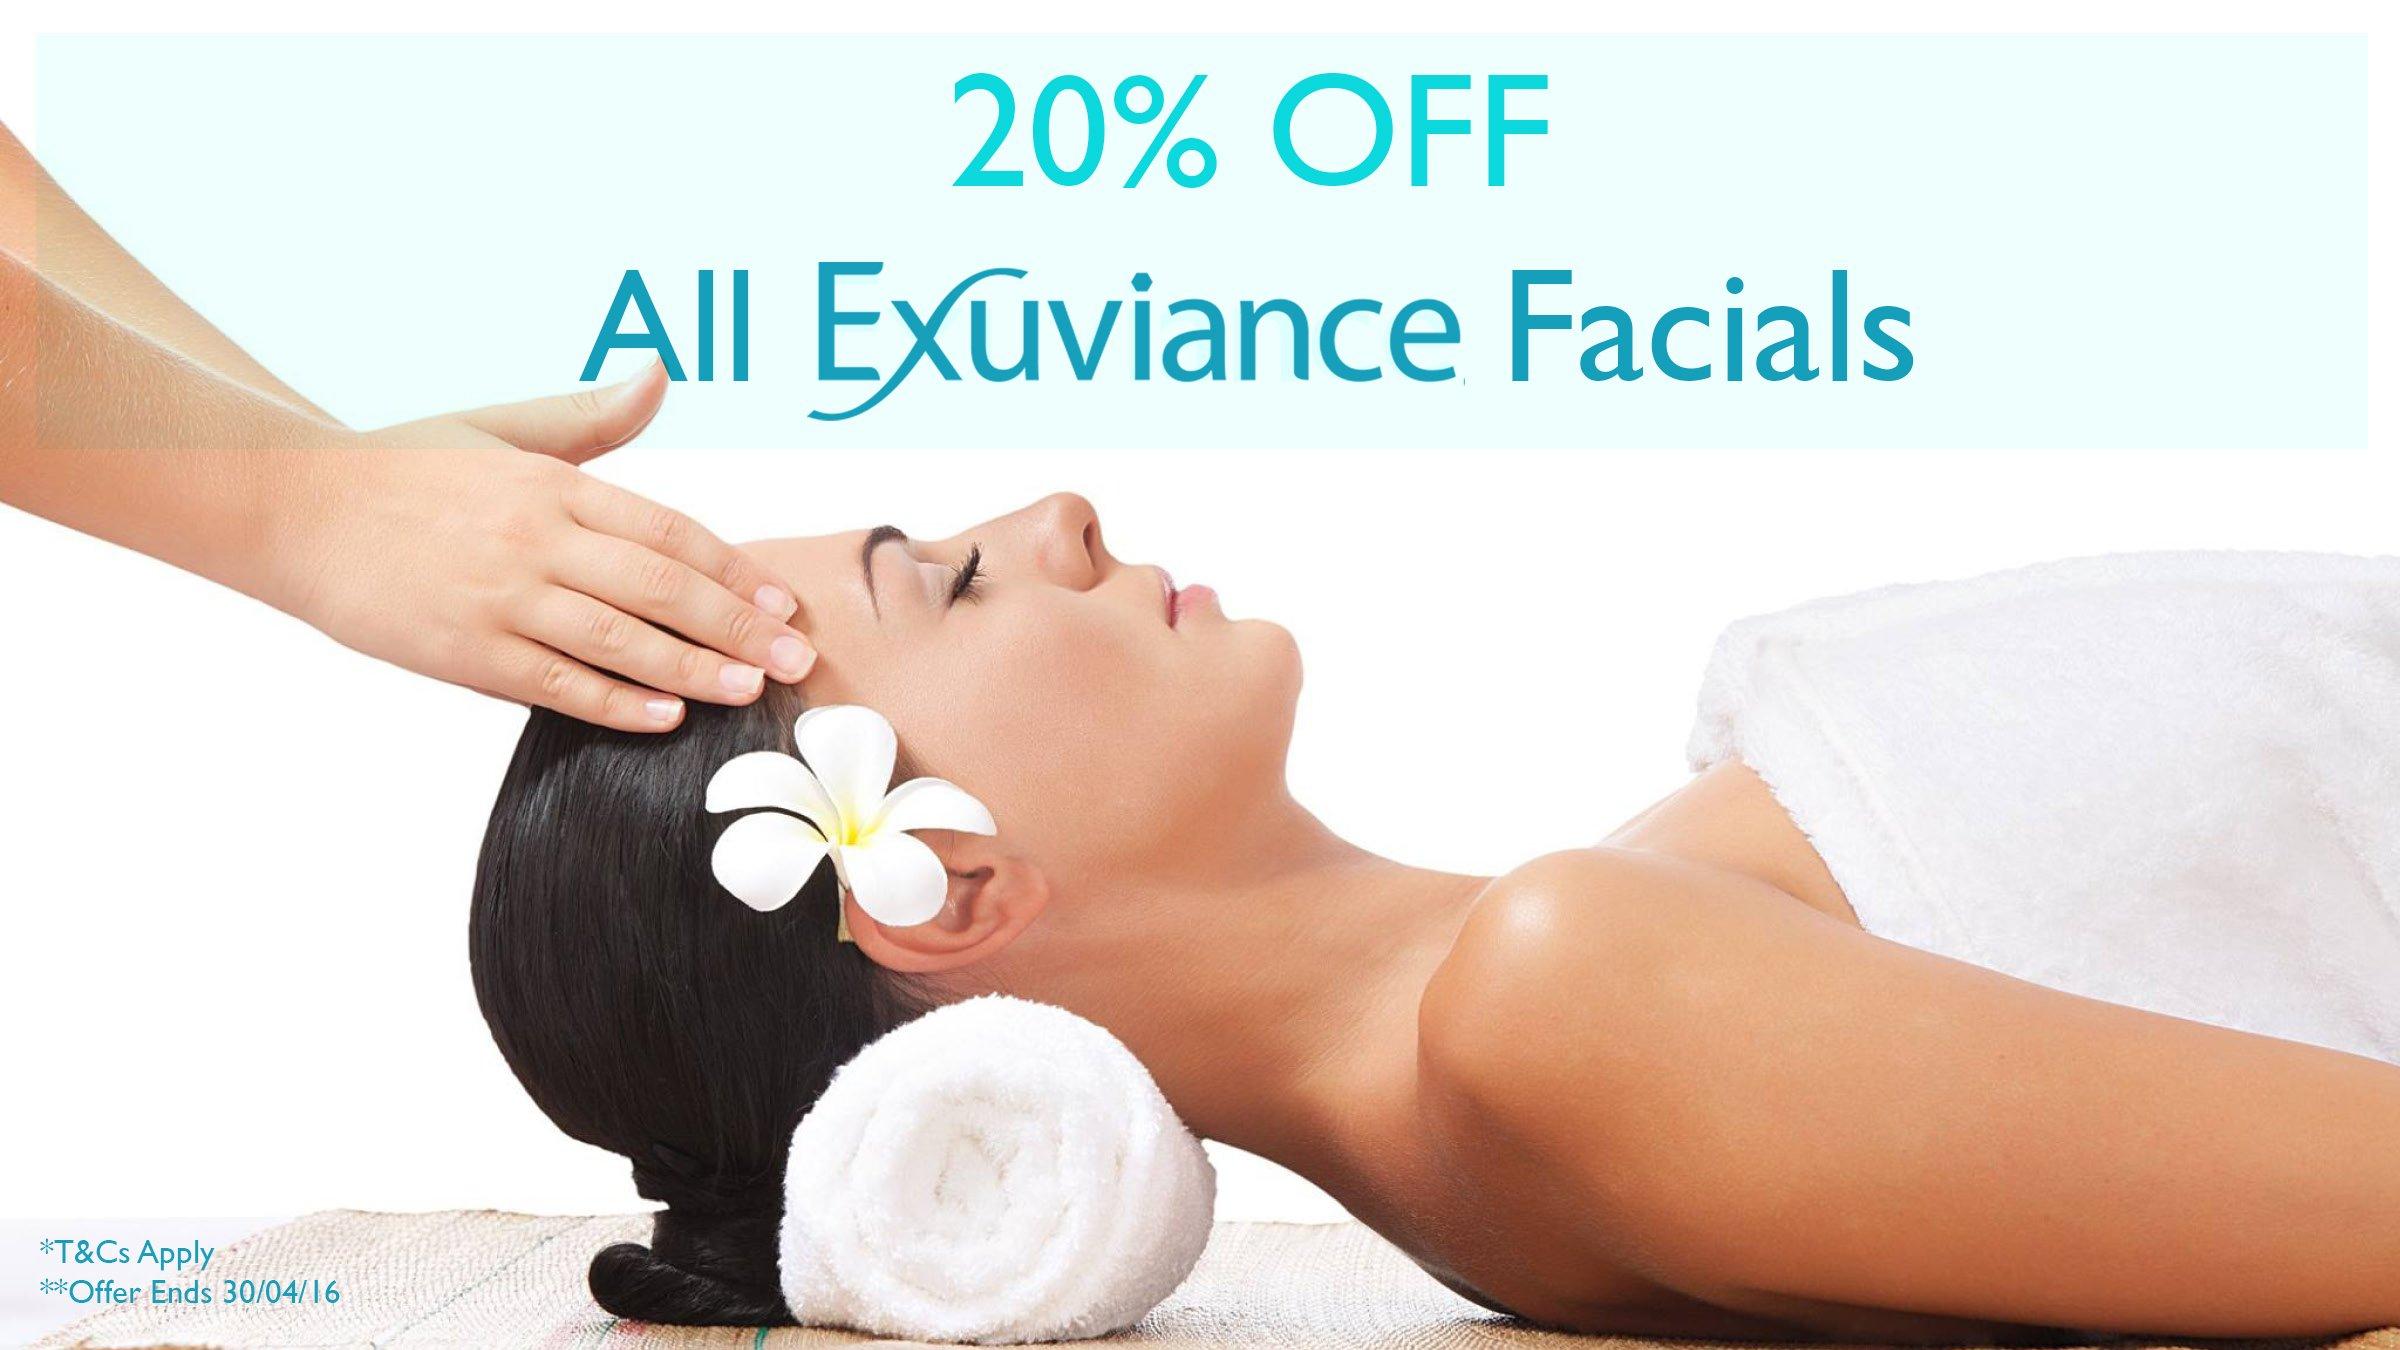 20% OFF Exuviance Facials in April!